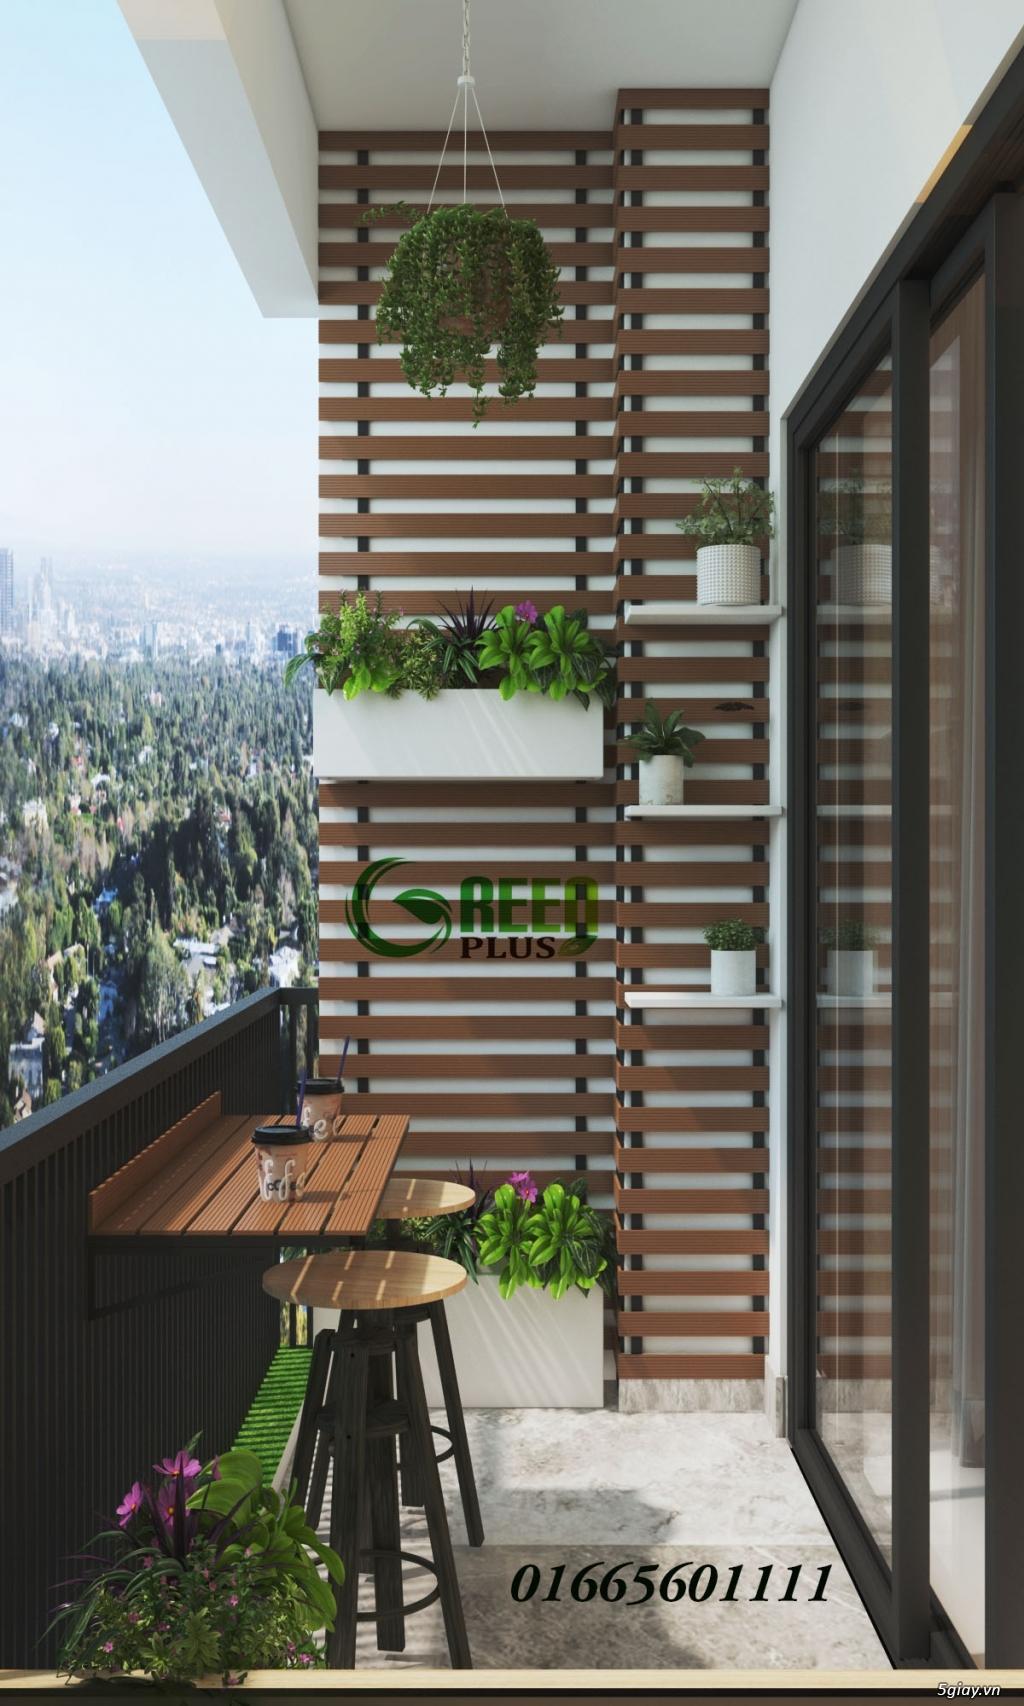 Giàn hoa ban công, thiết kế trang trí ban công chung cư - 2